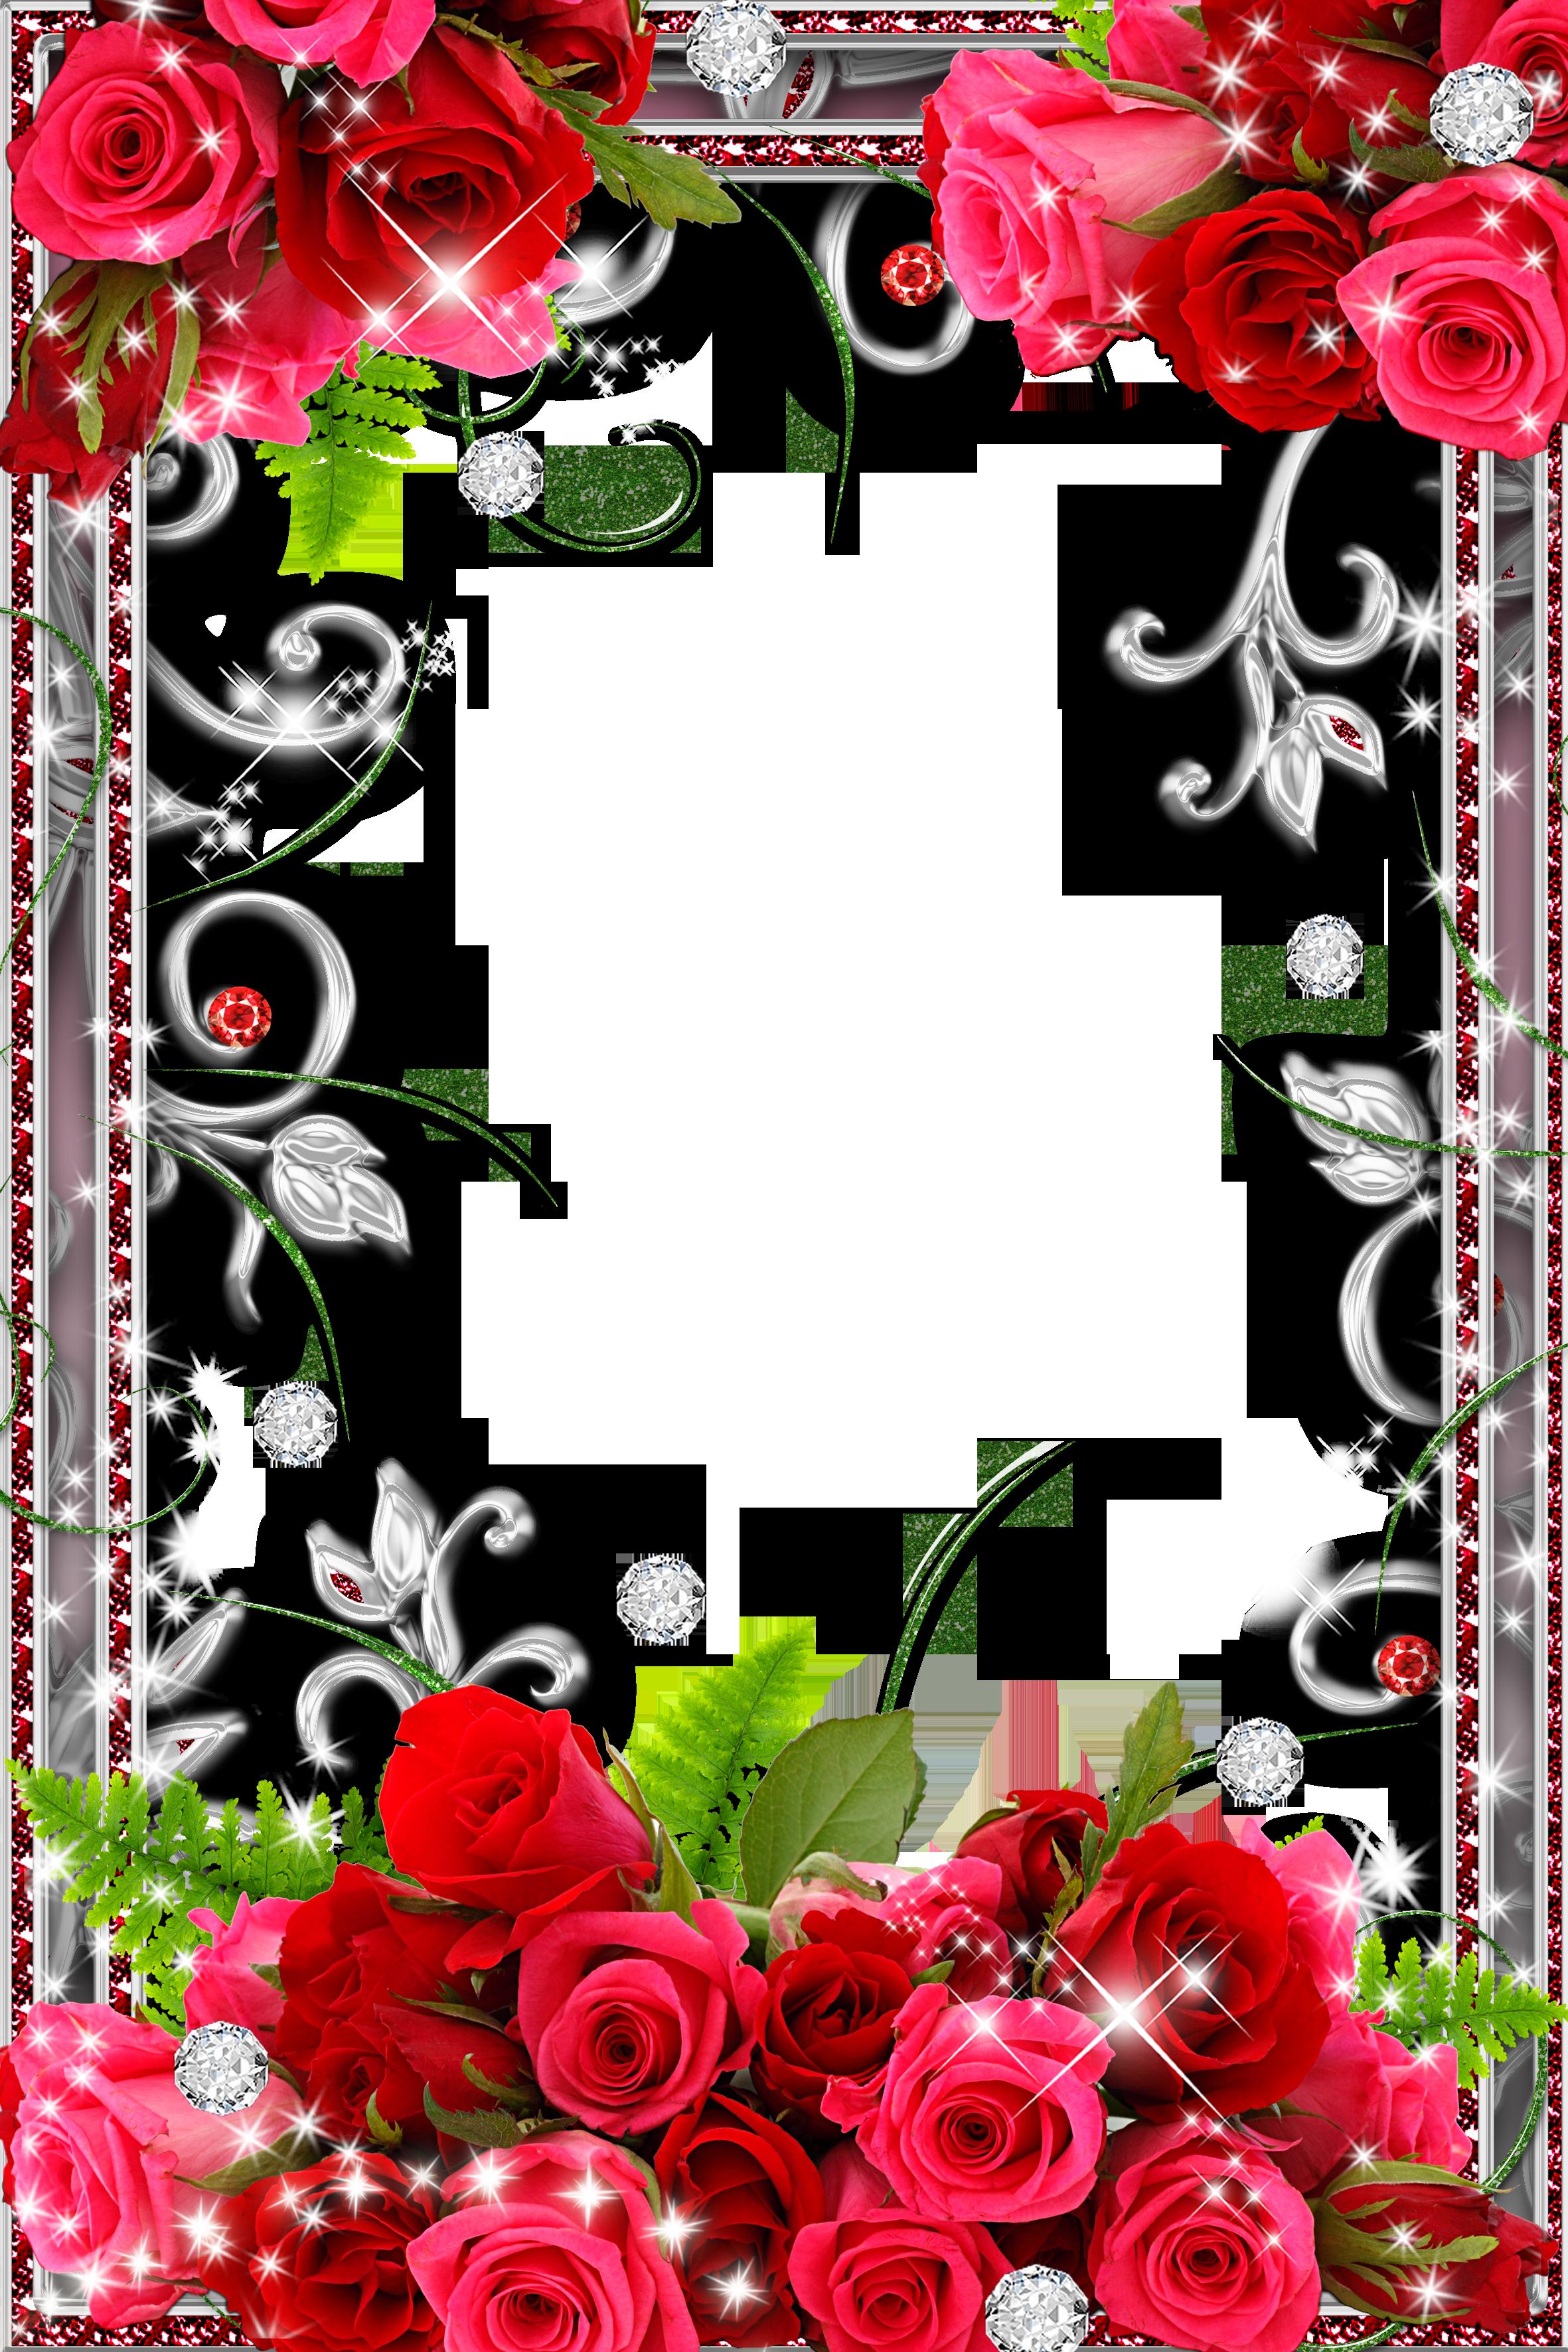 http://img-fotki.yandex.ru/get/5013/41771327.1df/0_63749_6a541c43_orig.png